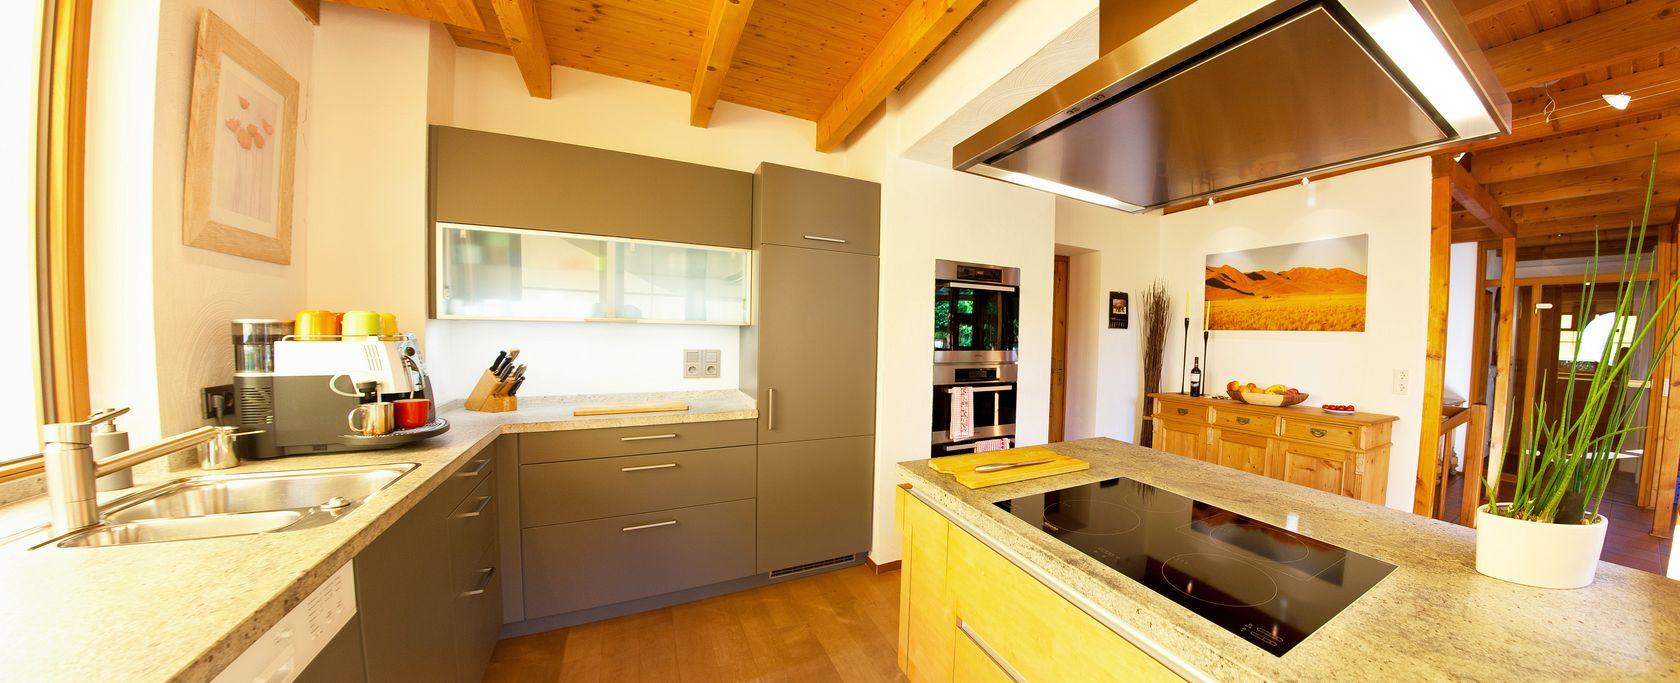 warme landhausk che mit holzfronten und naturstein arbeitsplatte k chenhaus thiemann overath. Black Bedroom Furniture Sets. Home Design Ideas